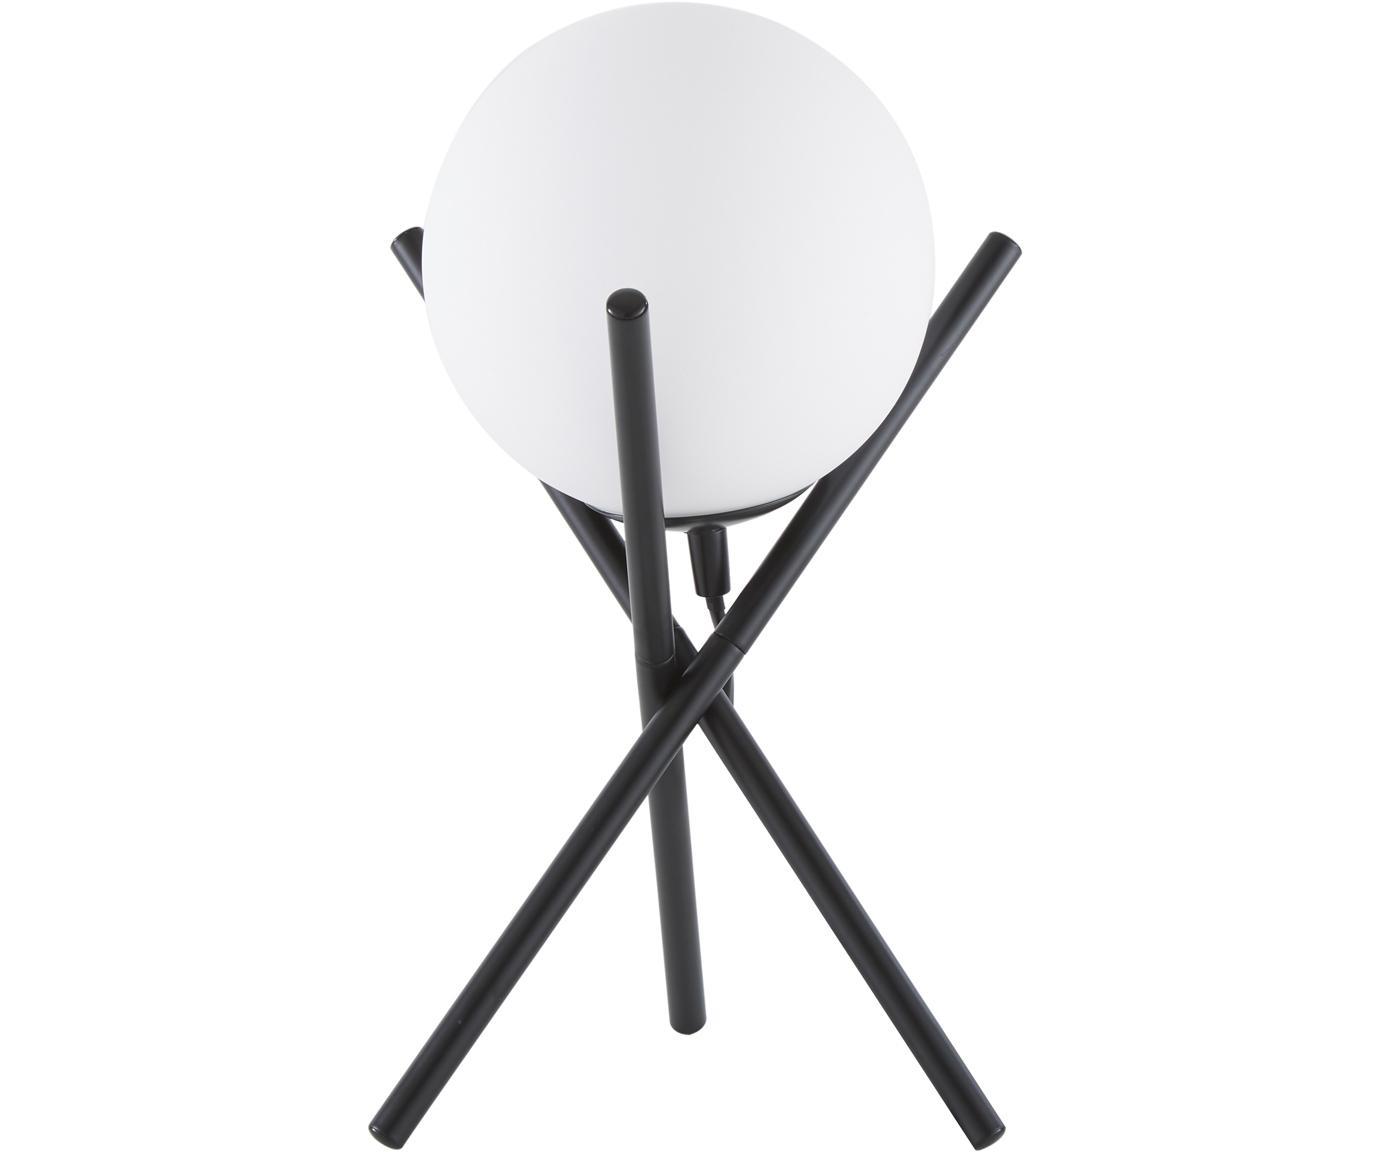 Tischleuchte Erik, Lampenschirm: Glas, Lampenfuß: Metall, pulverbeschichtet, Weiß, Schwarz, Ø 15 x H 33 cm